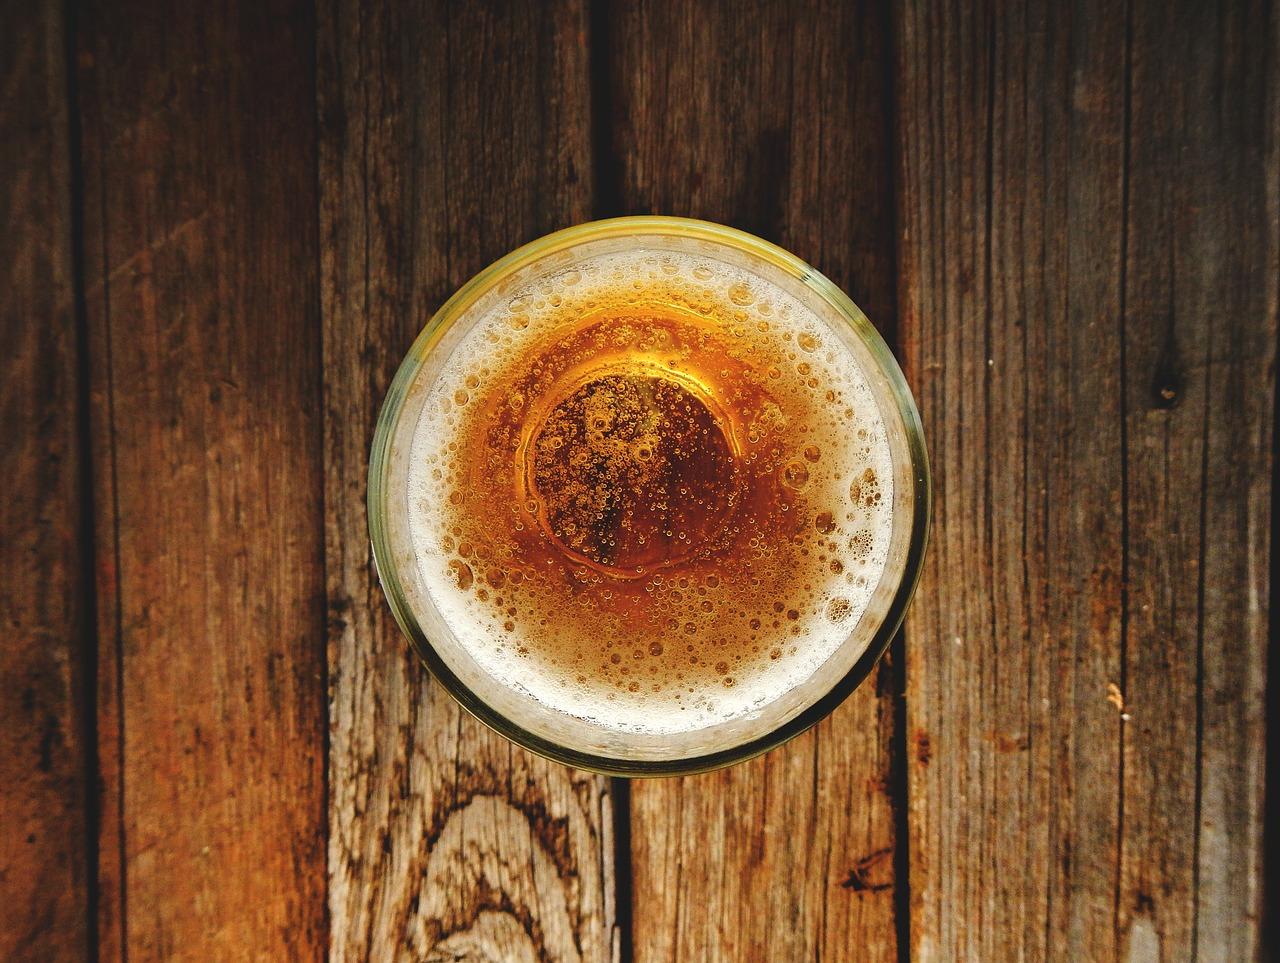 المشروبات الكحولية لتنظيف وتلميع الفضة